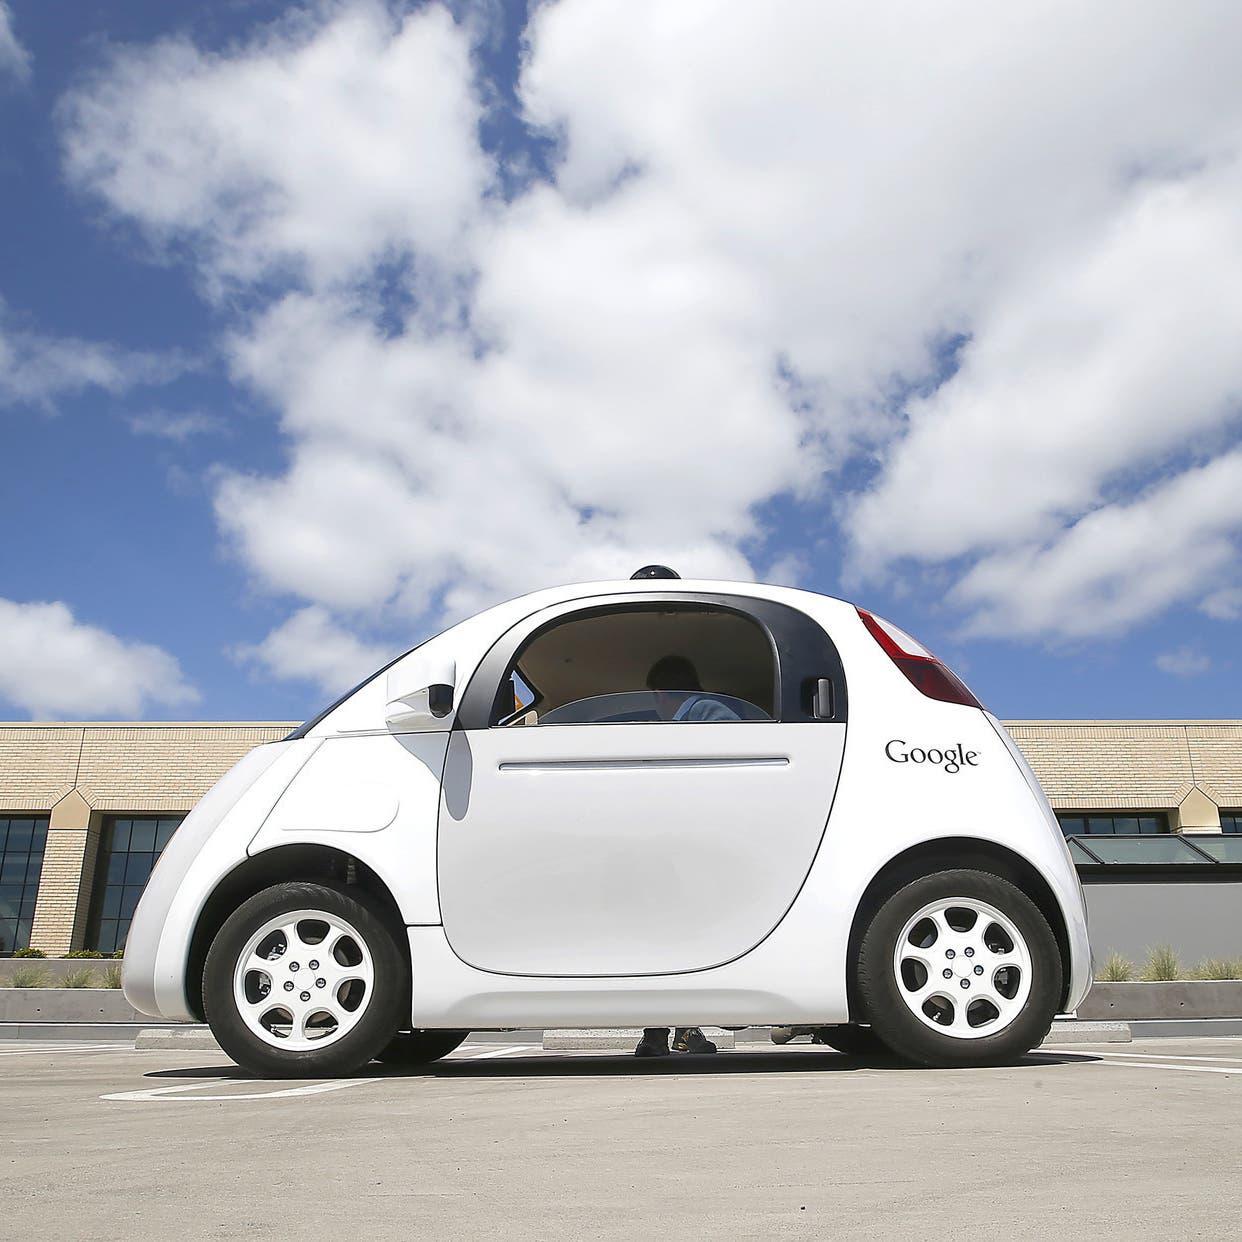 حلم السيارات الطائرة يراود أحد مؤسسي غوغل